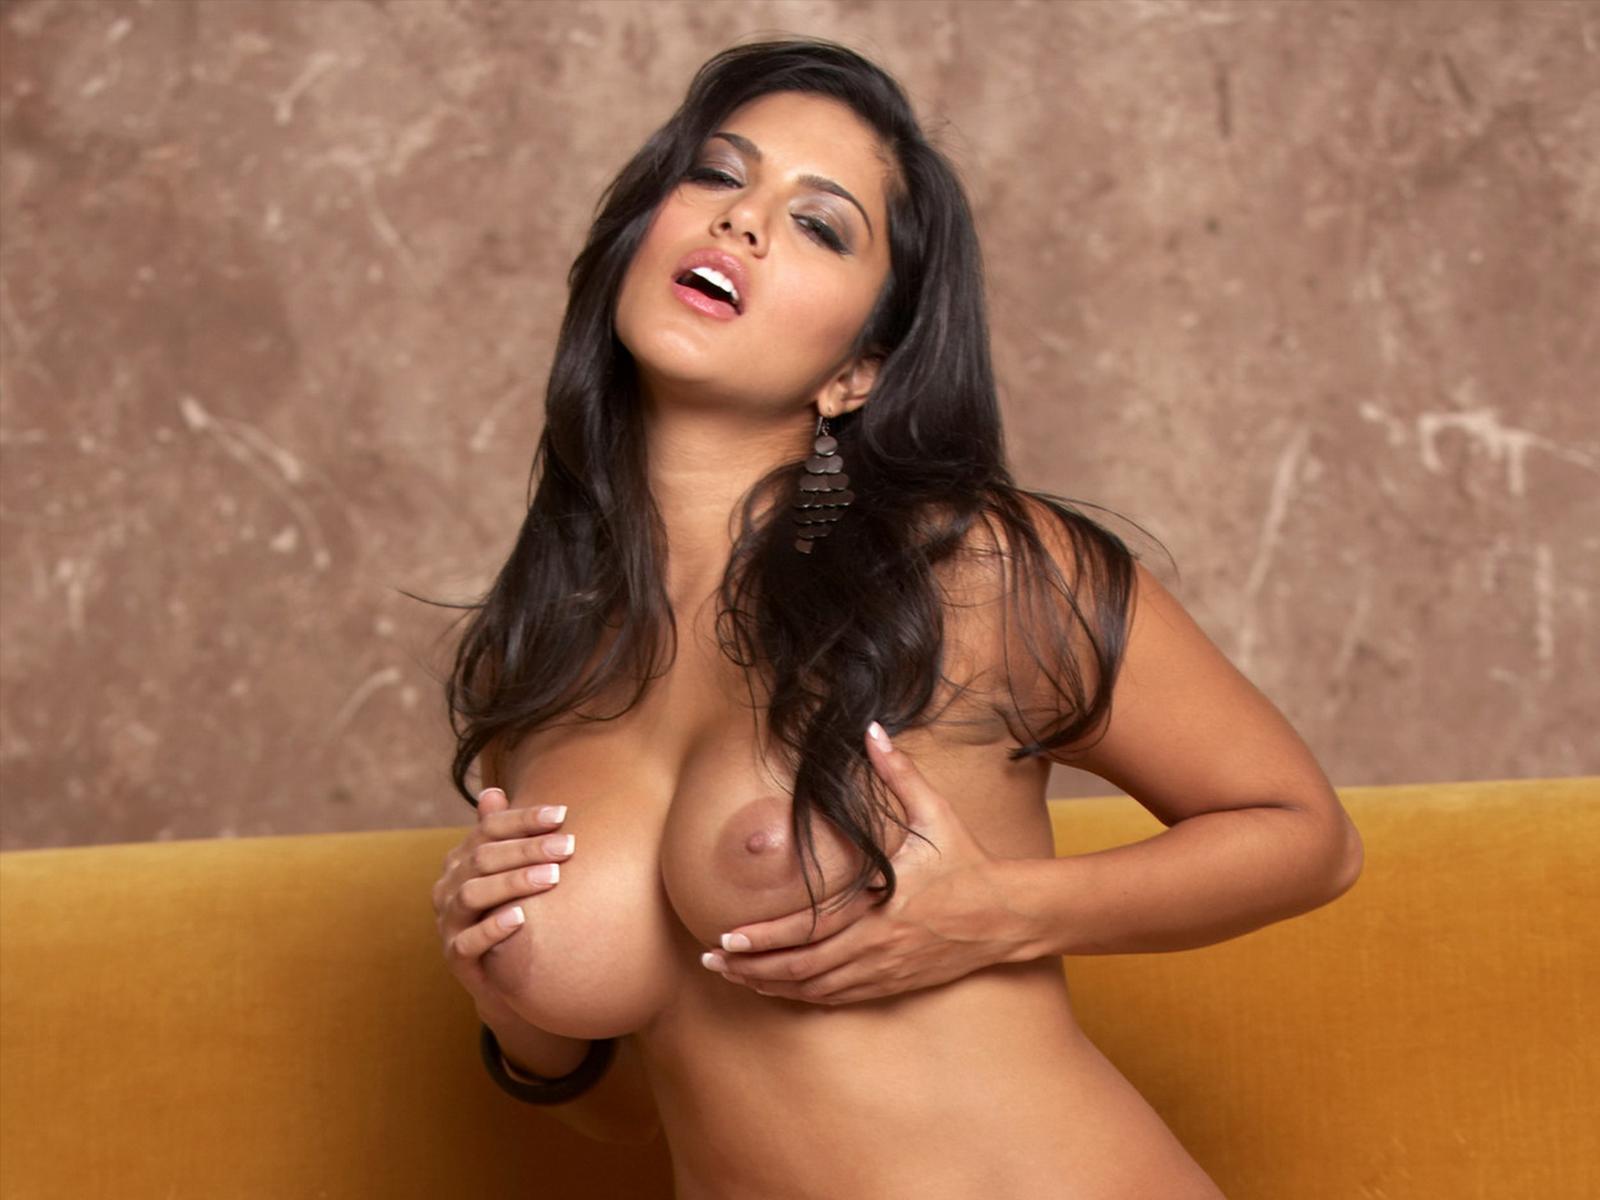 Самые красивые девушки мира с самой красивой грудью 12 фотография